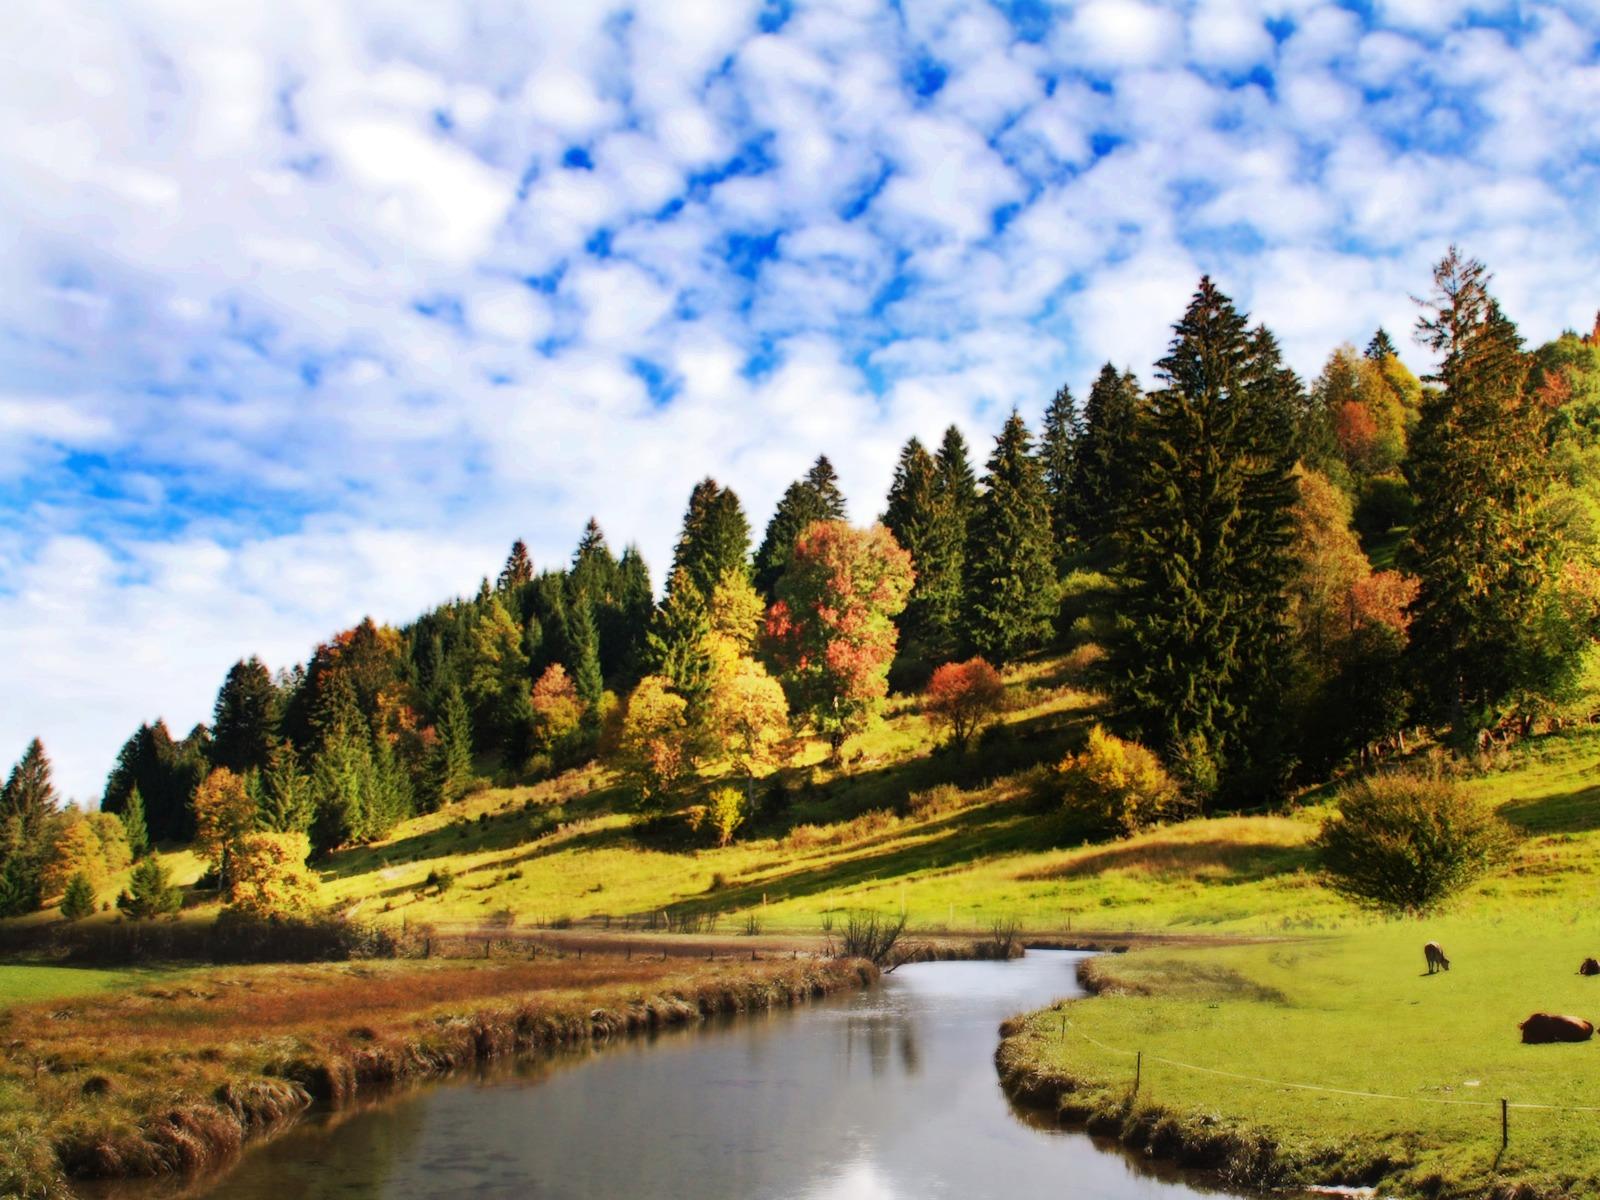 http://3.bp.blogspot.com/_nD_YgZuOadA/TUbOzmtlZkI/AAAAAAAABTM/cD8BAdDICH0/s1600/peaceful-1600-1200-4424.jpg